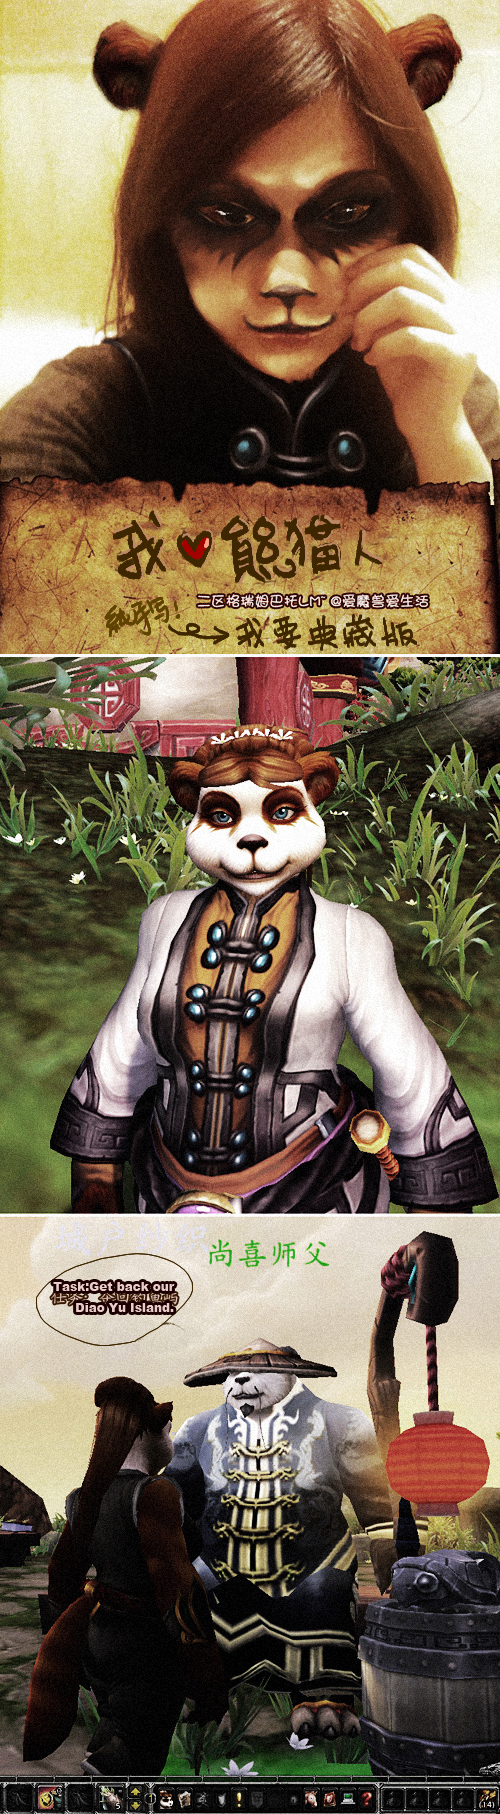 Pandaren COSPLAY by Rosalind-WT